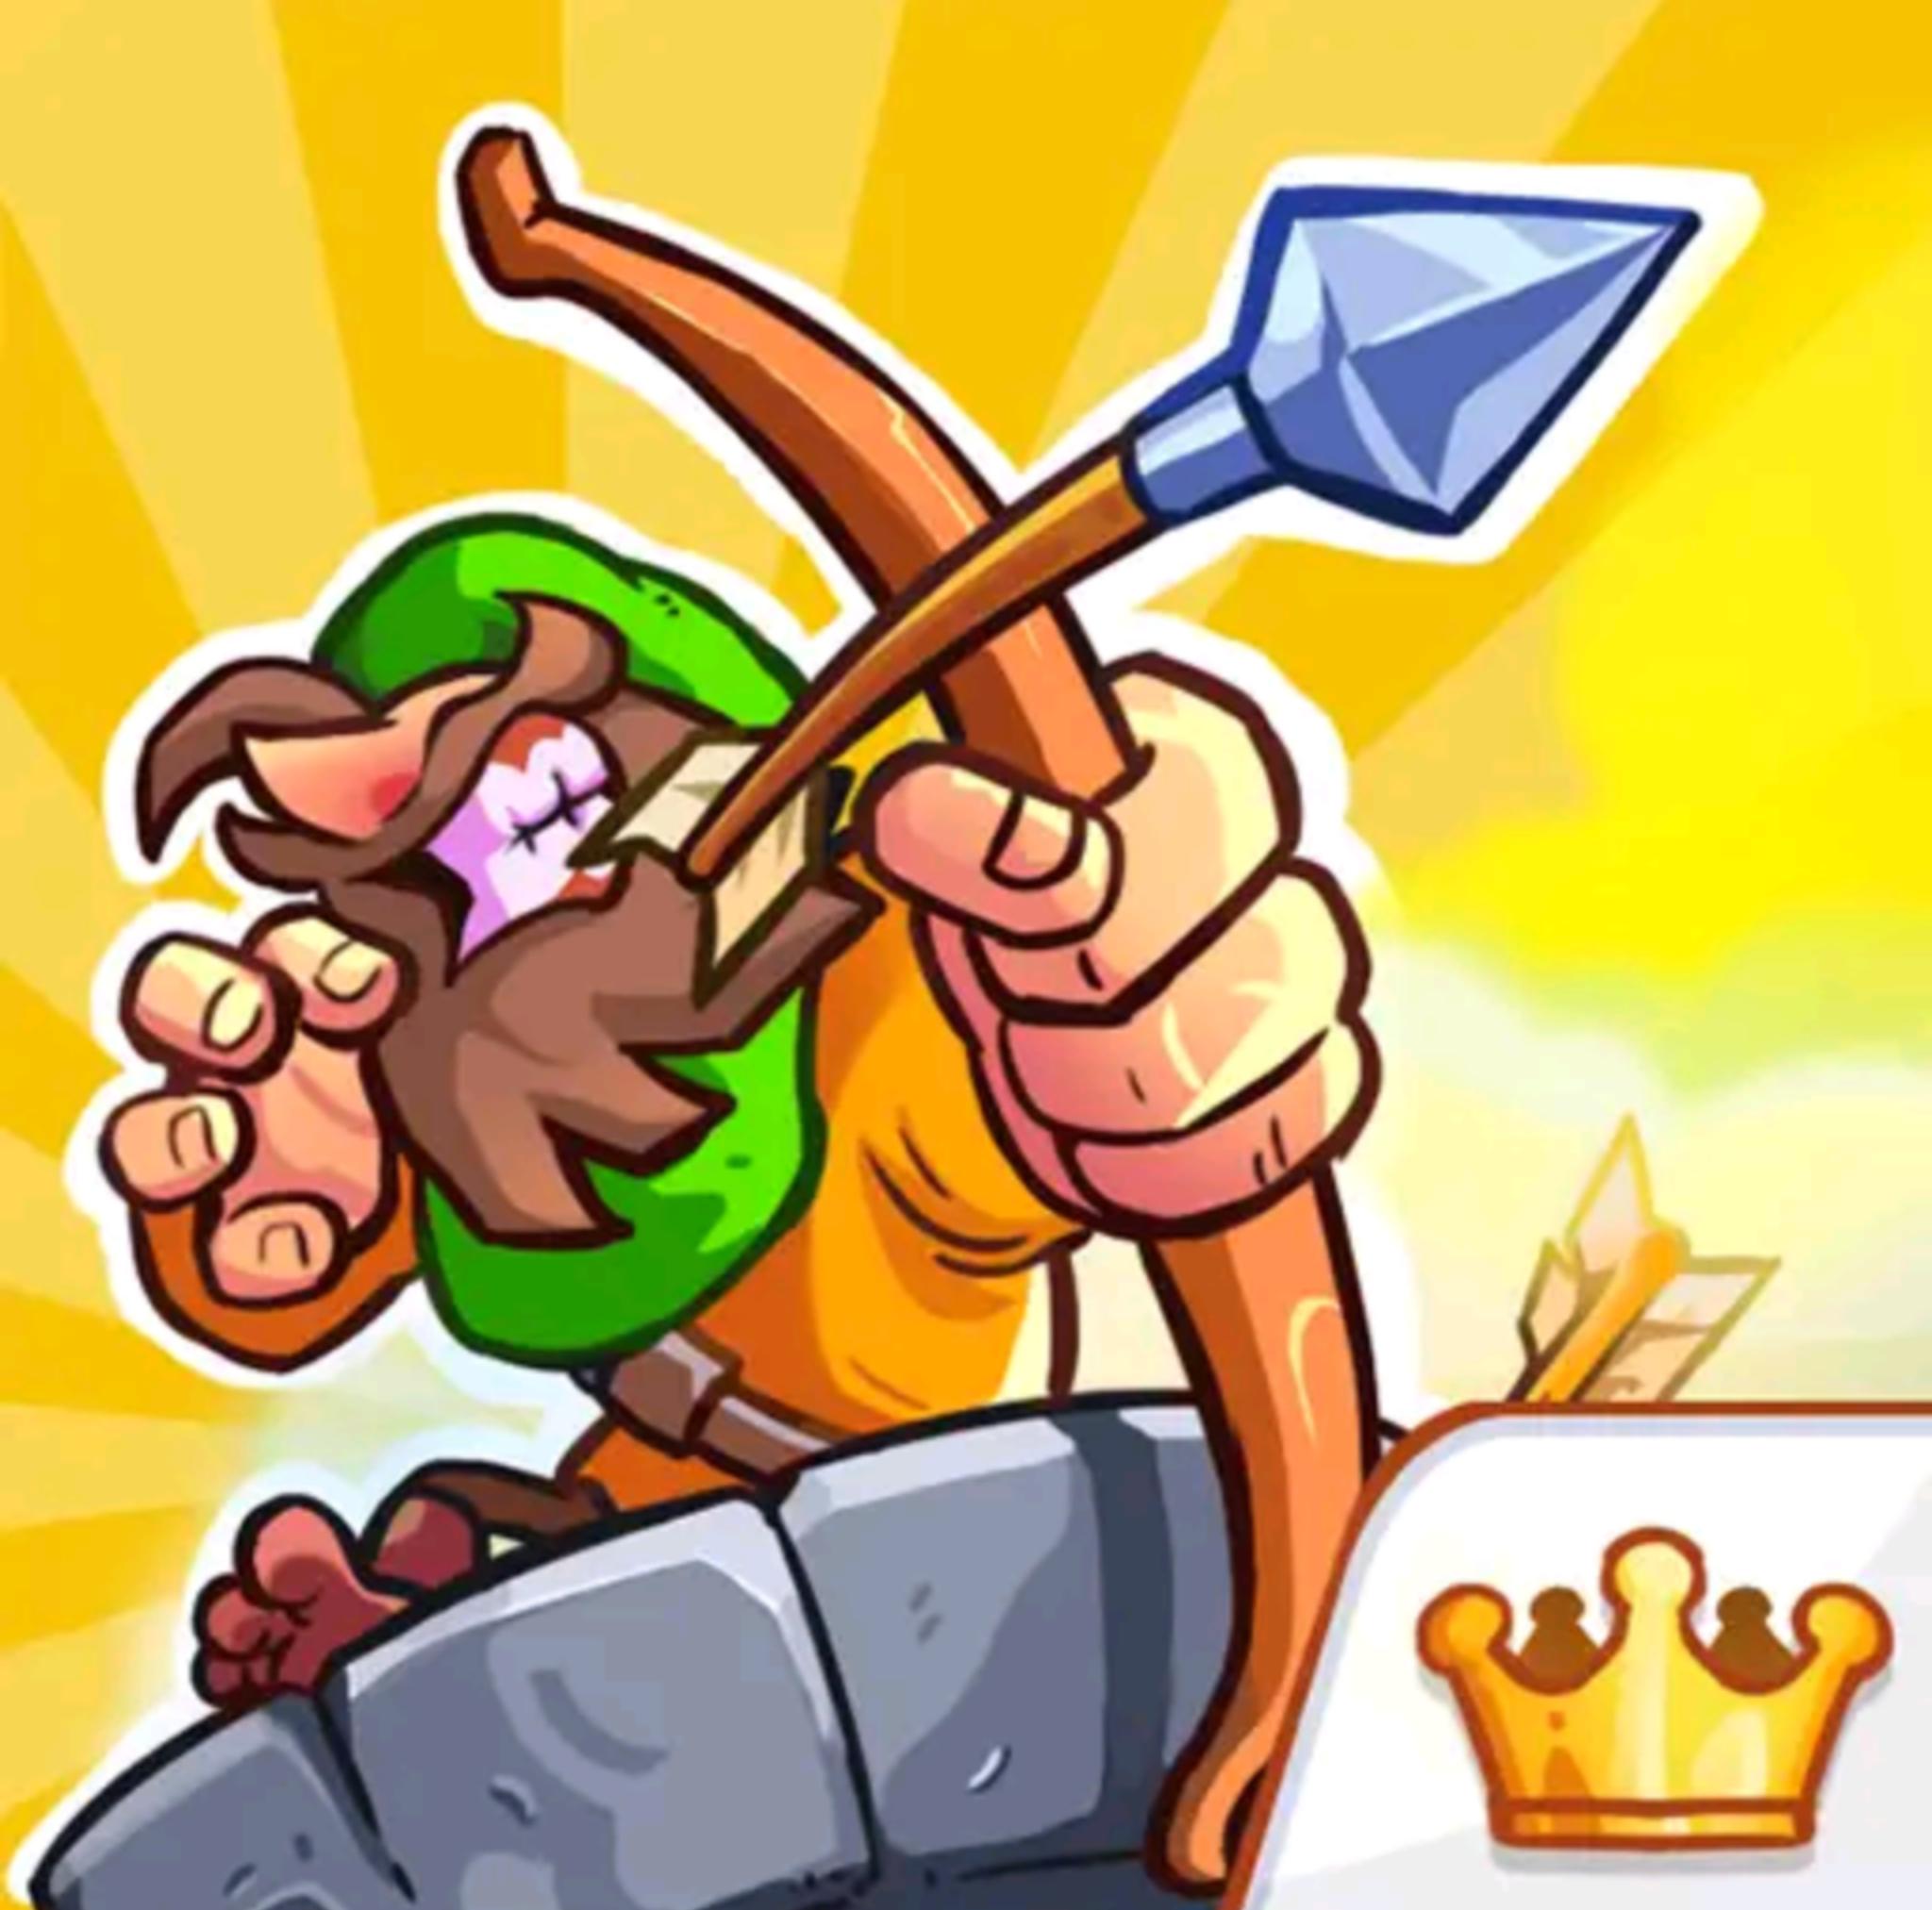 Selection de jeux Android gratuits sur Android - Ex: King of Defense Premium